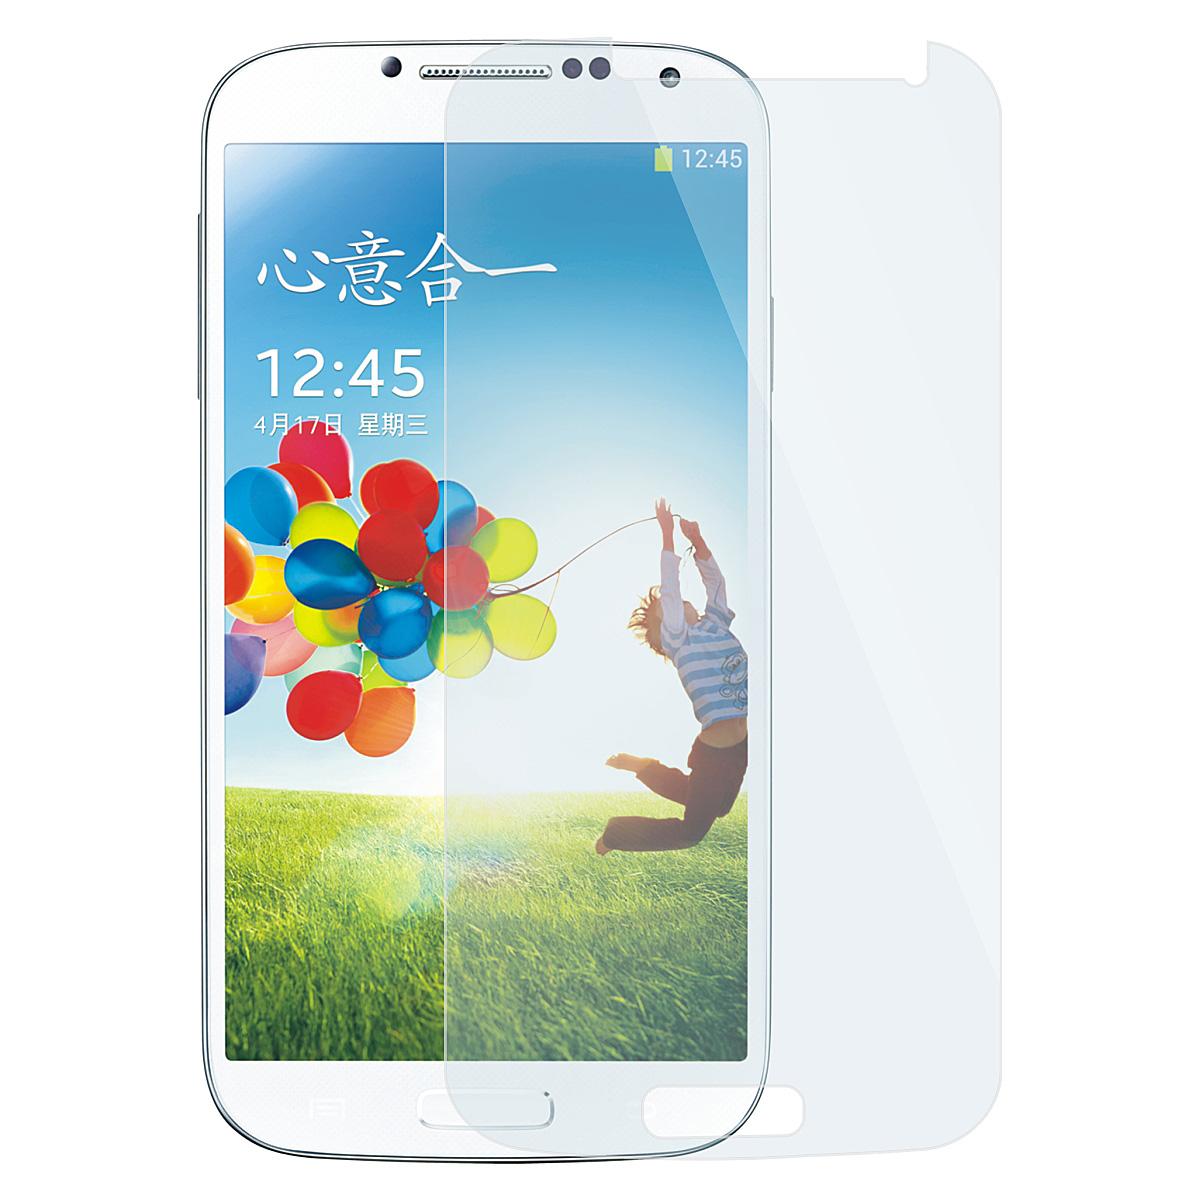 Защитная пленка для мобильных телефонов Other brands S4/s3 N7100 Note2 S3/i9300 S4/i9500